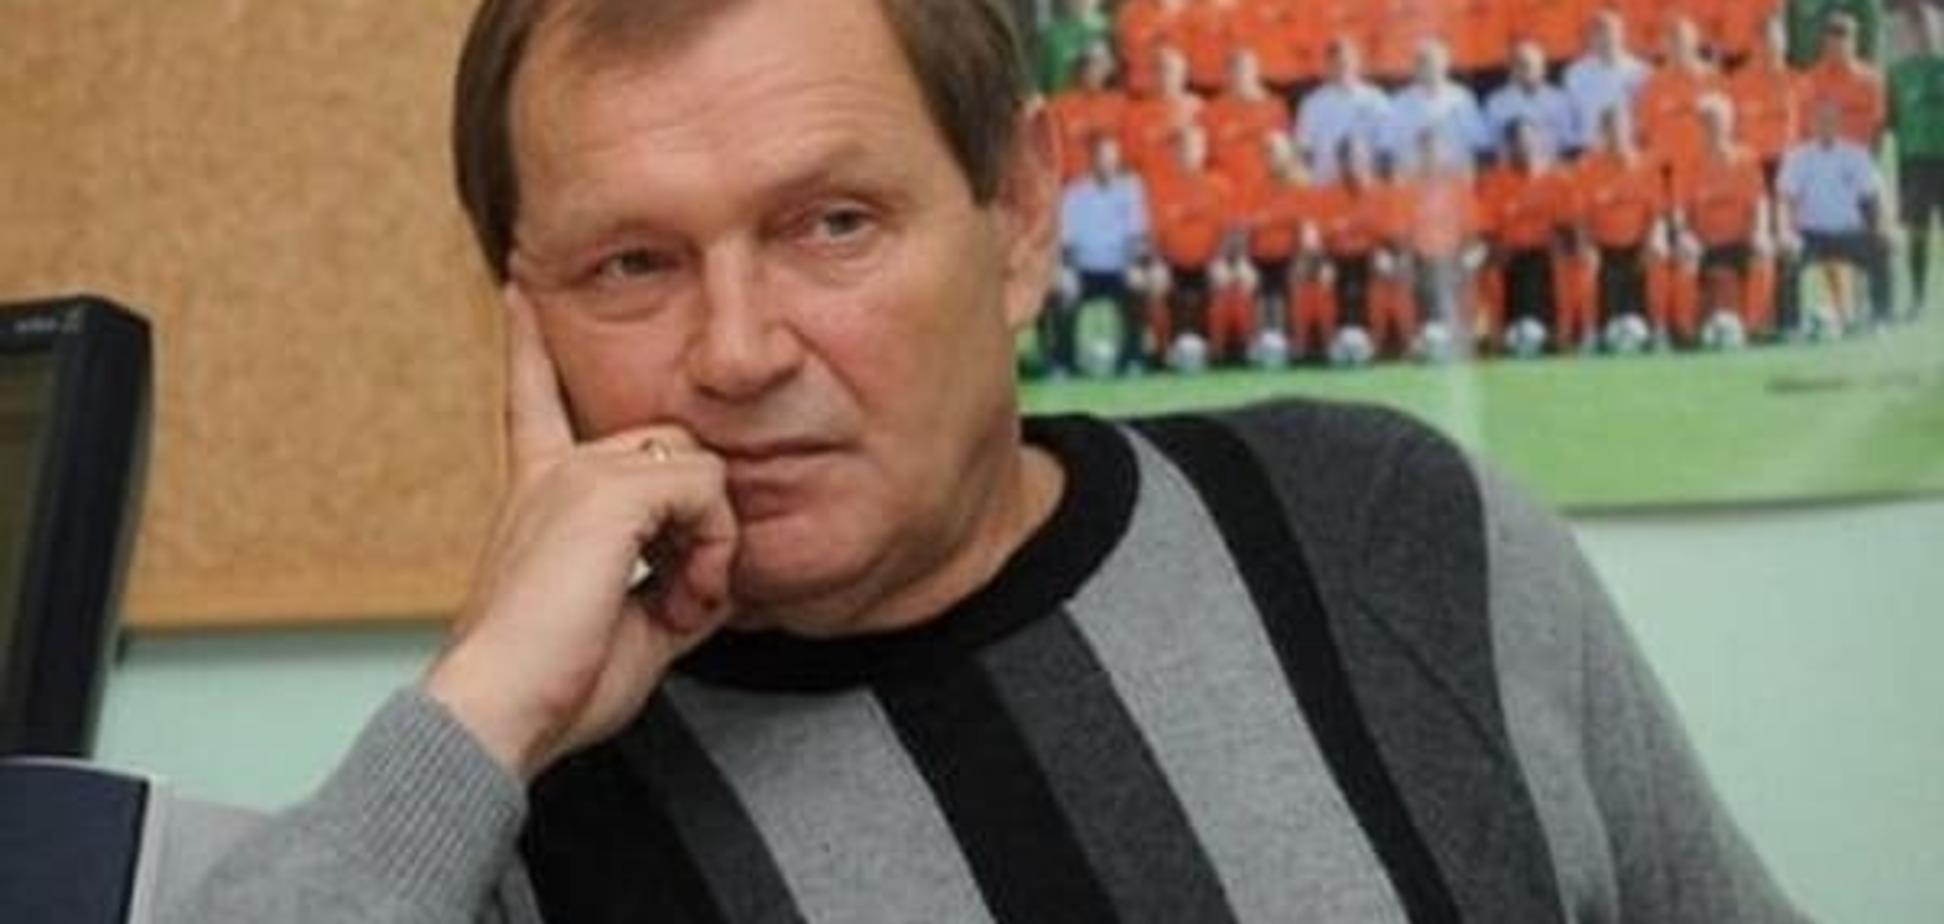 'Дурниці': відомий український тренер висміяв бажання 'Шахтаря' повернутися на 'Донбас Арену'